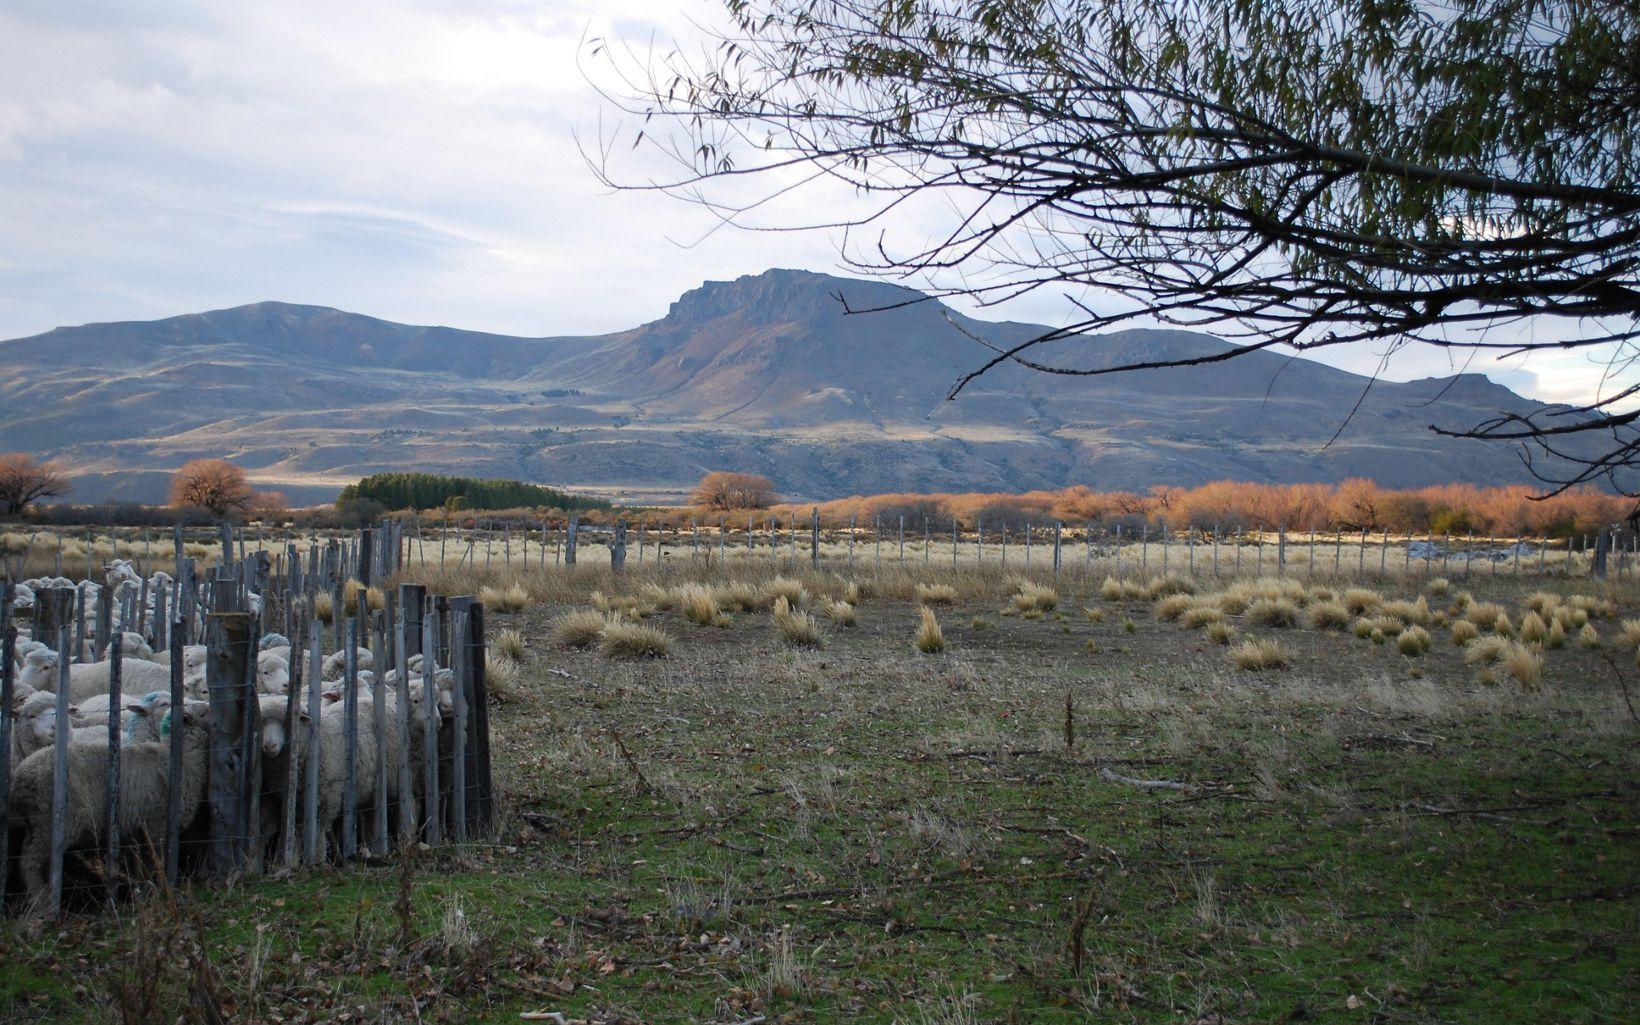 Ovejas de los paisajes de la Patagonia Norte.